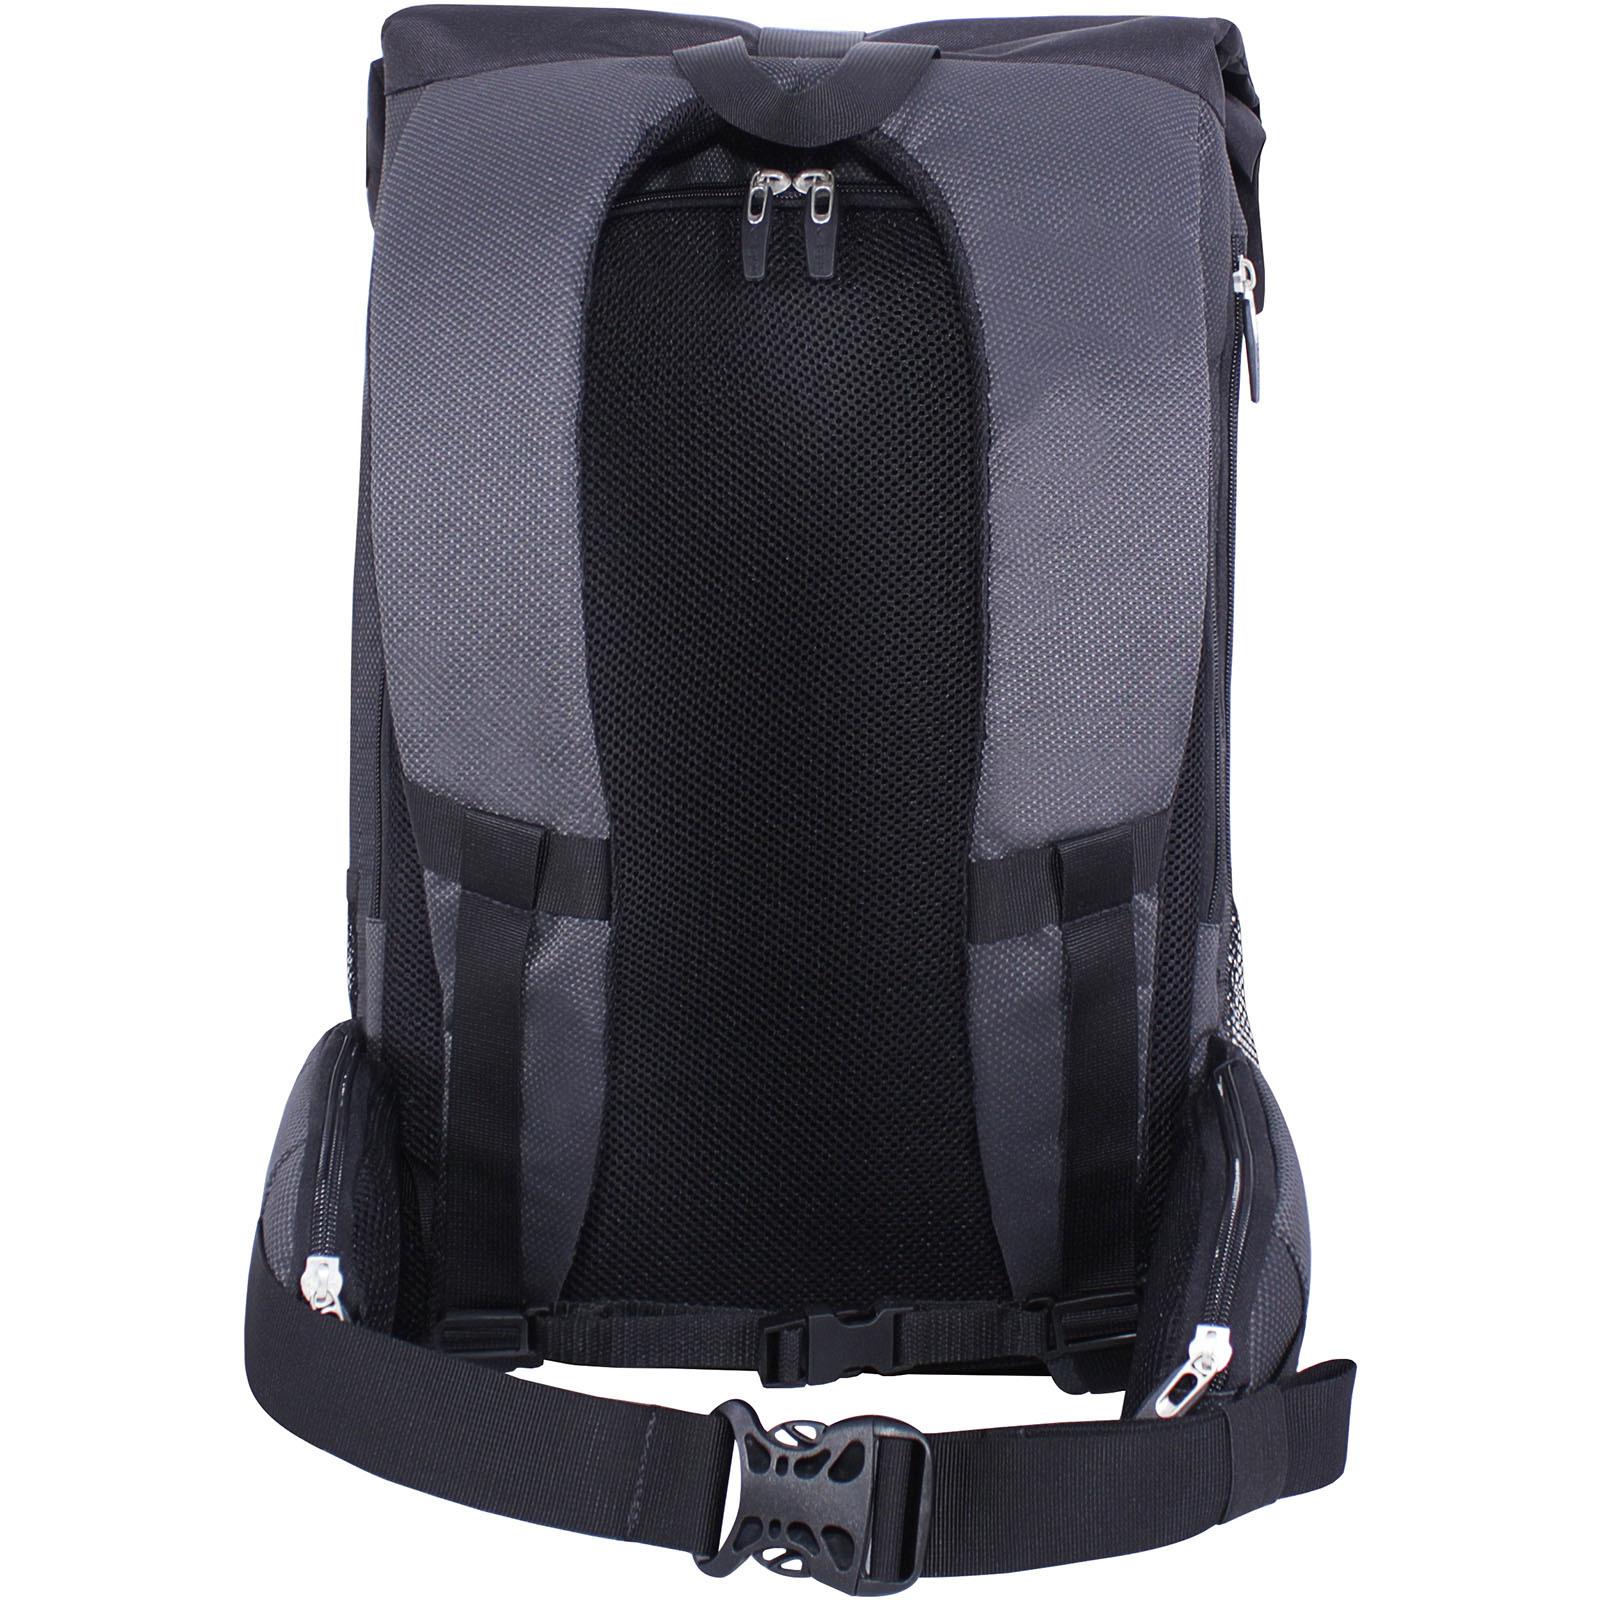 Рюкзак для ноутбука Bagland Roll 21 л. Чёрный (00156169) фото 5